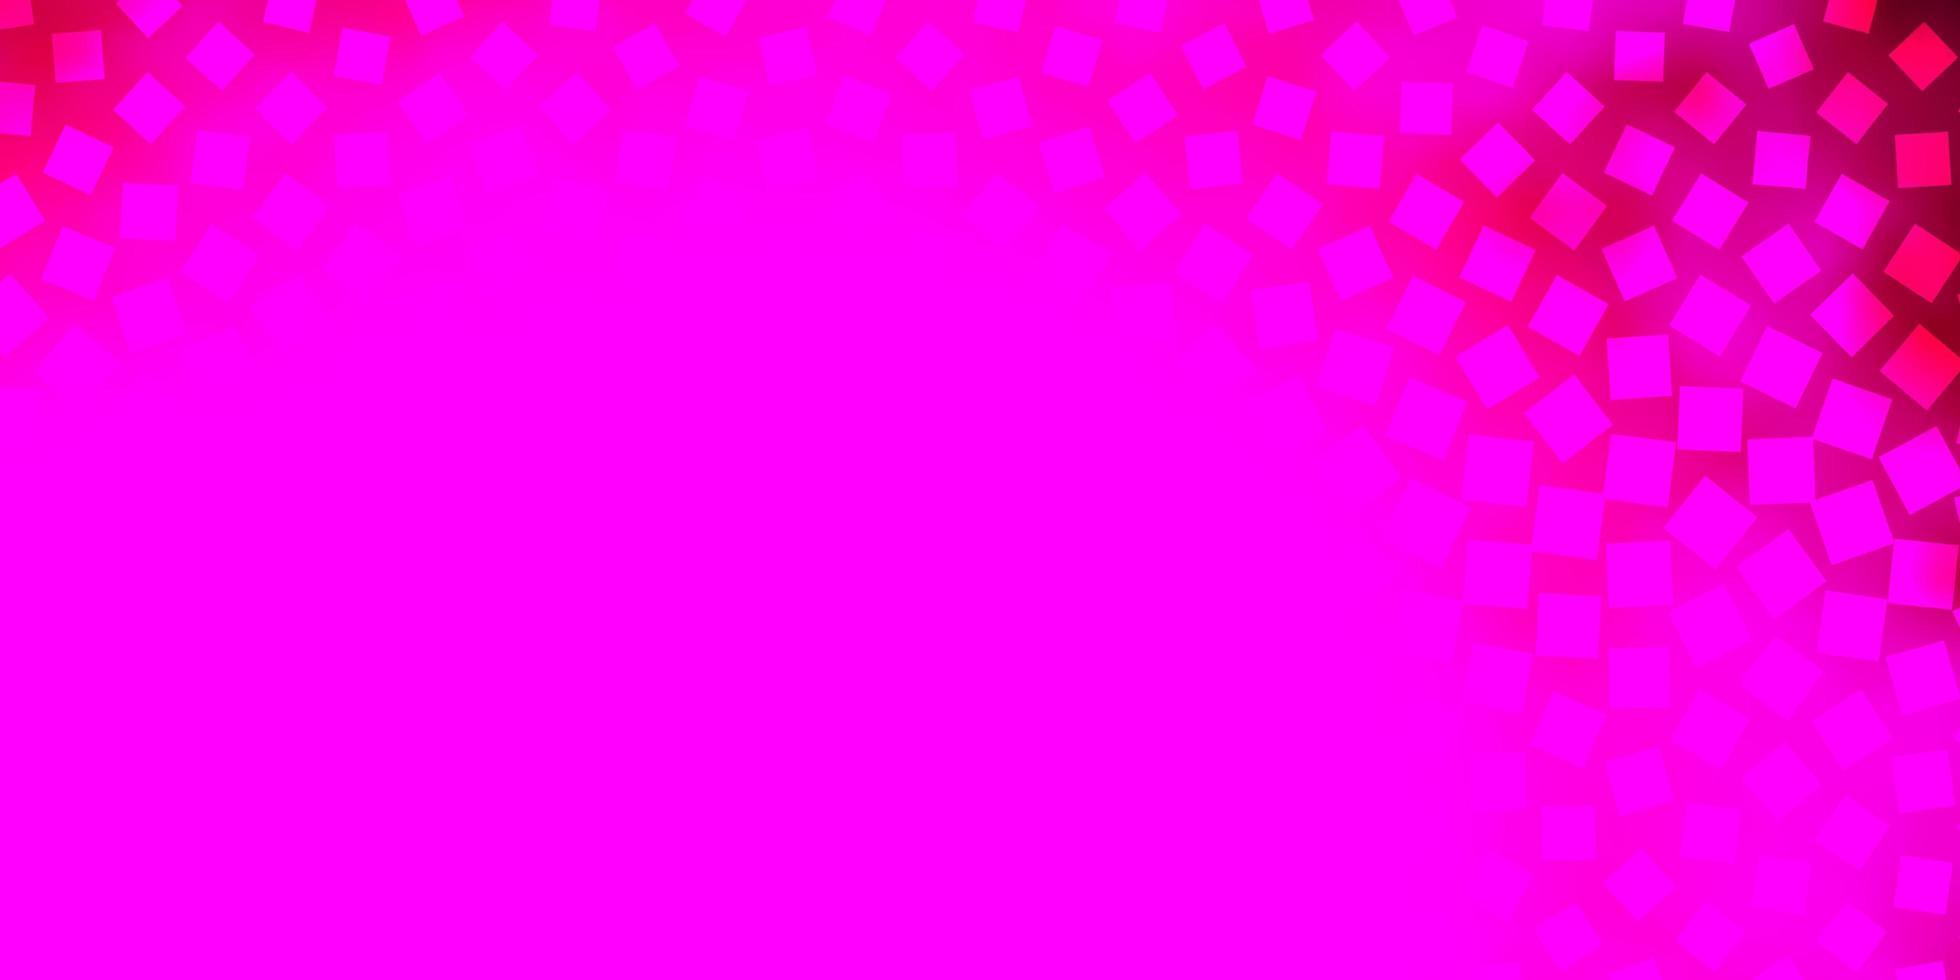 sfondo vettoriale rosa chiaro con rettangoli.